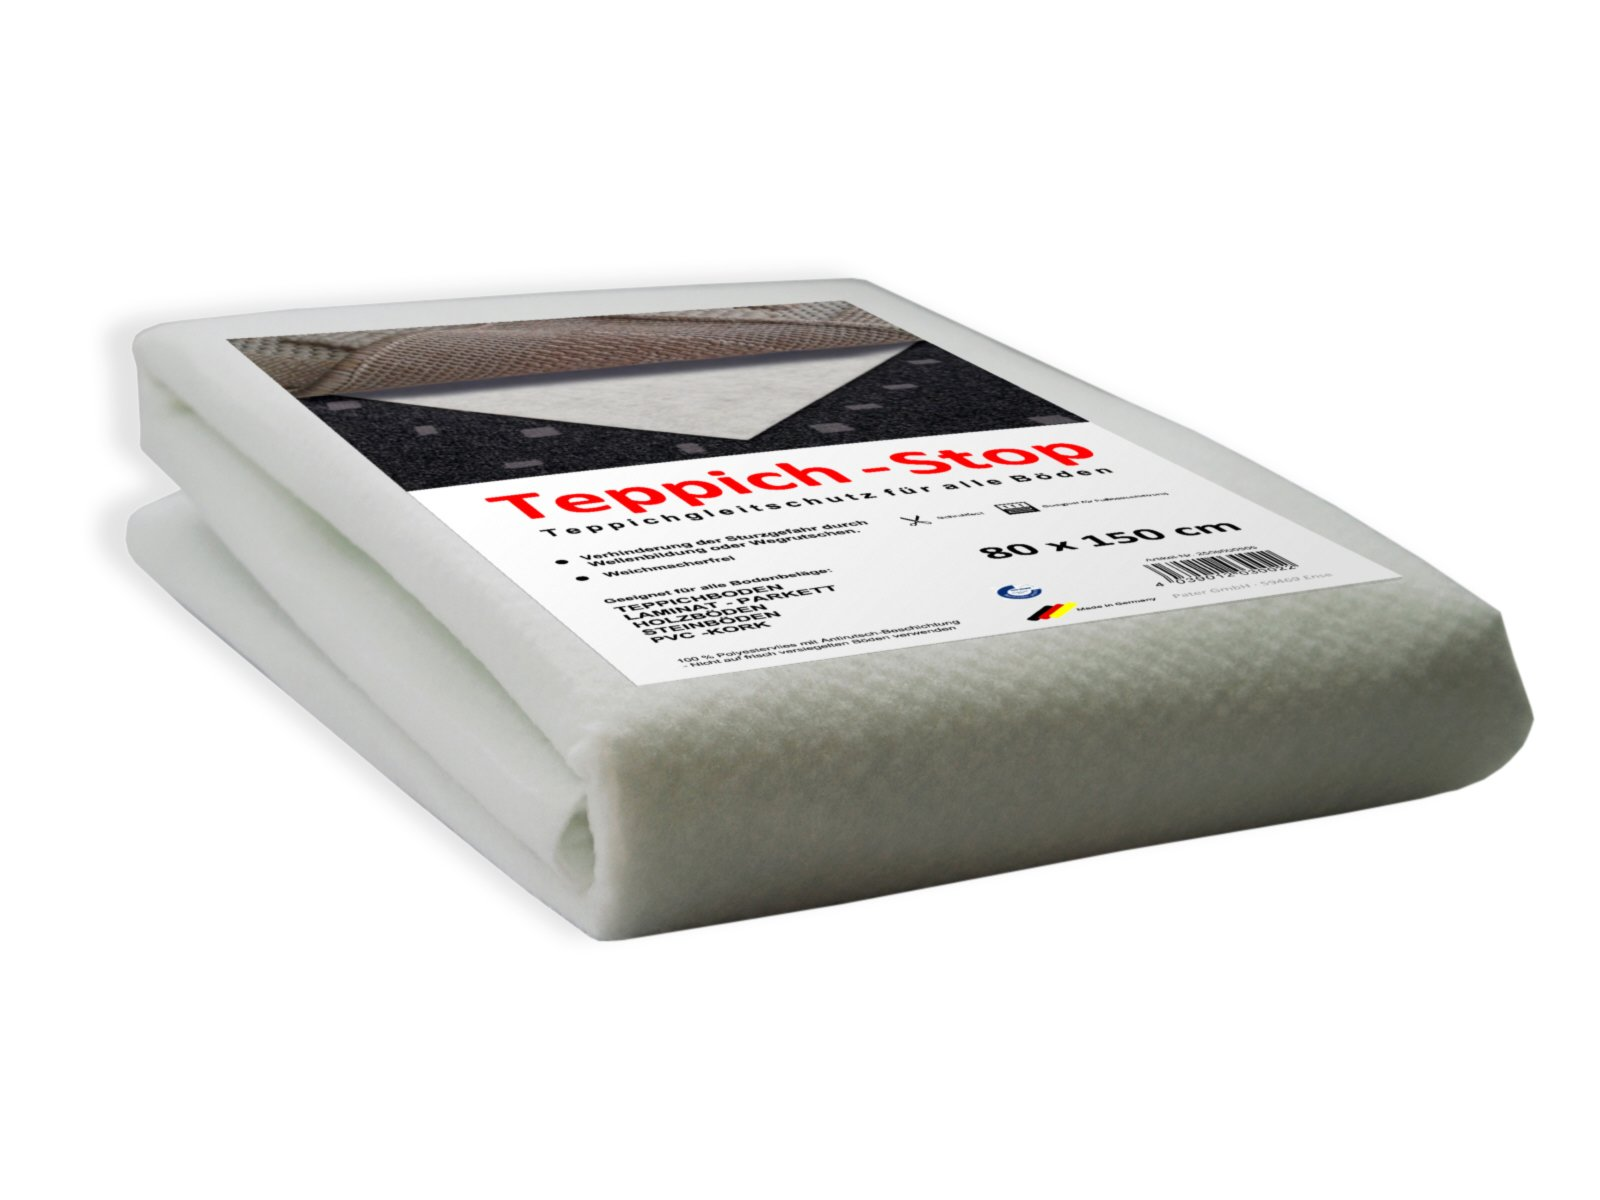 teppich antirutschmatte wei 240x340 cm. Black Bedroom Furniture Sets. Home Design Ideas